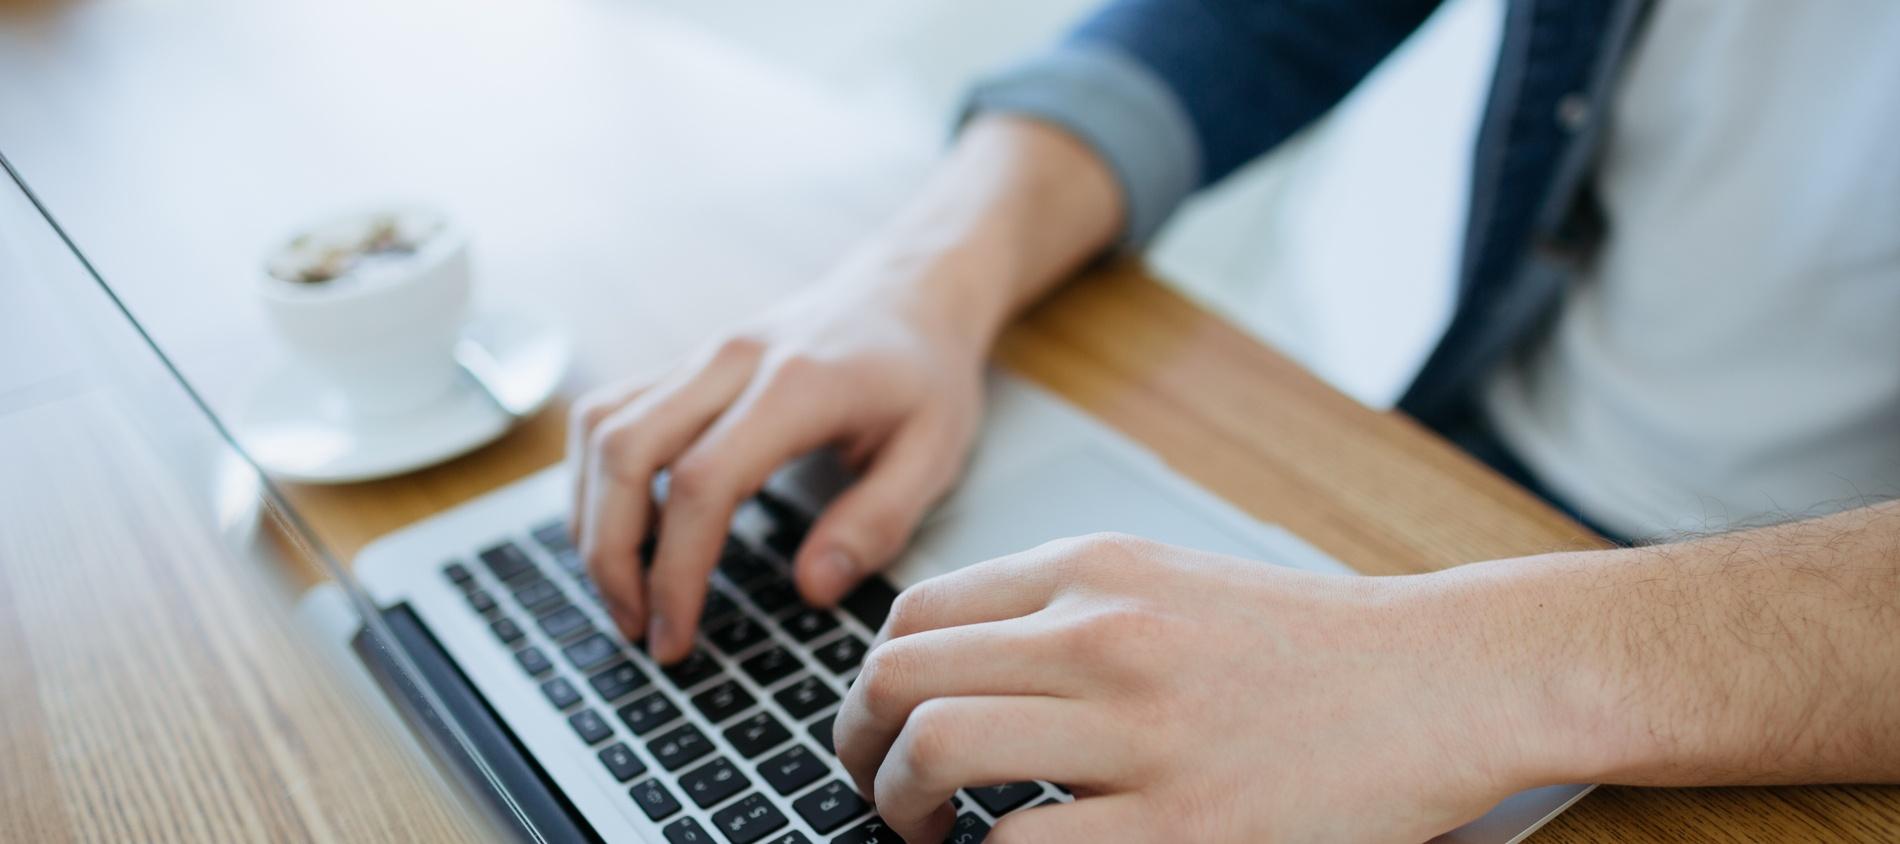 La importancia de escribir buenos títulos en las páginas de un sitio.